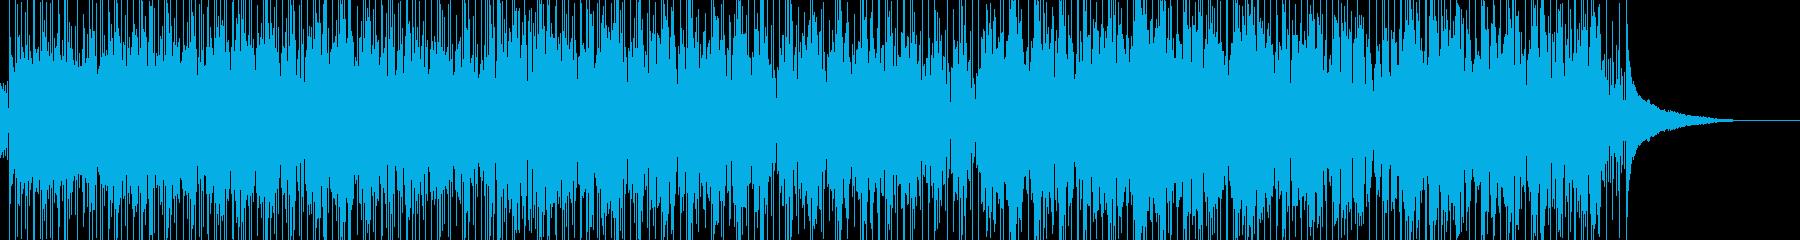 チェロとピアノの哀愁漂う幻想的なインストの再生済みの波形